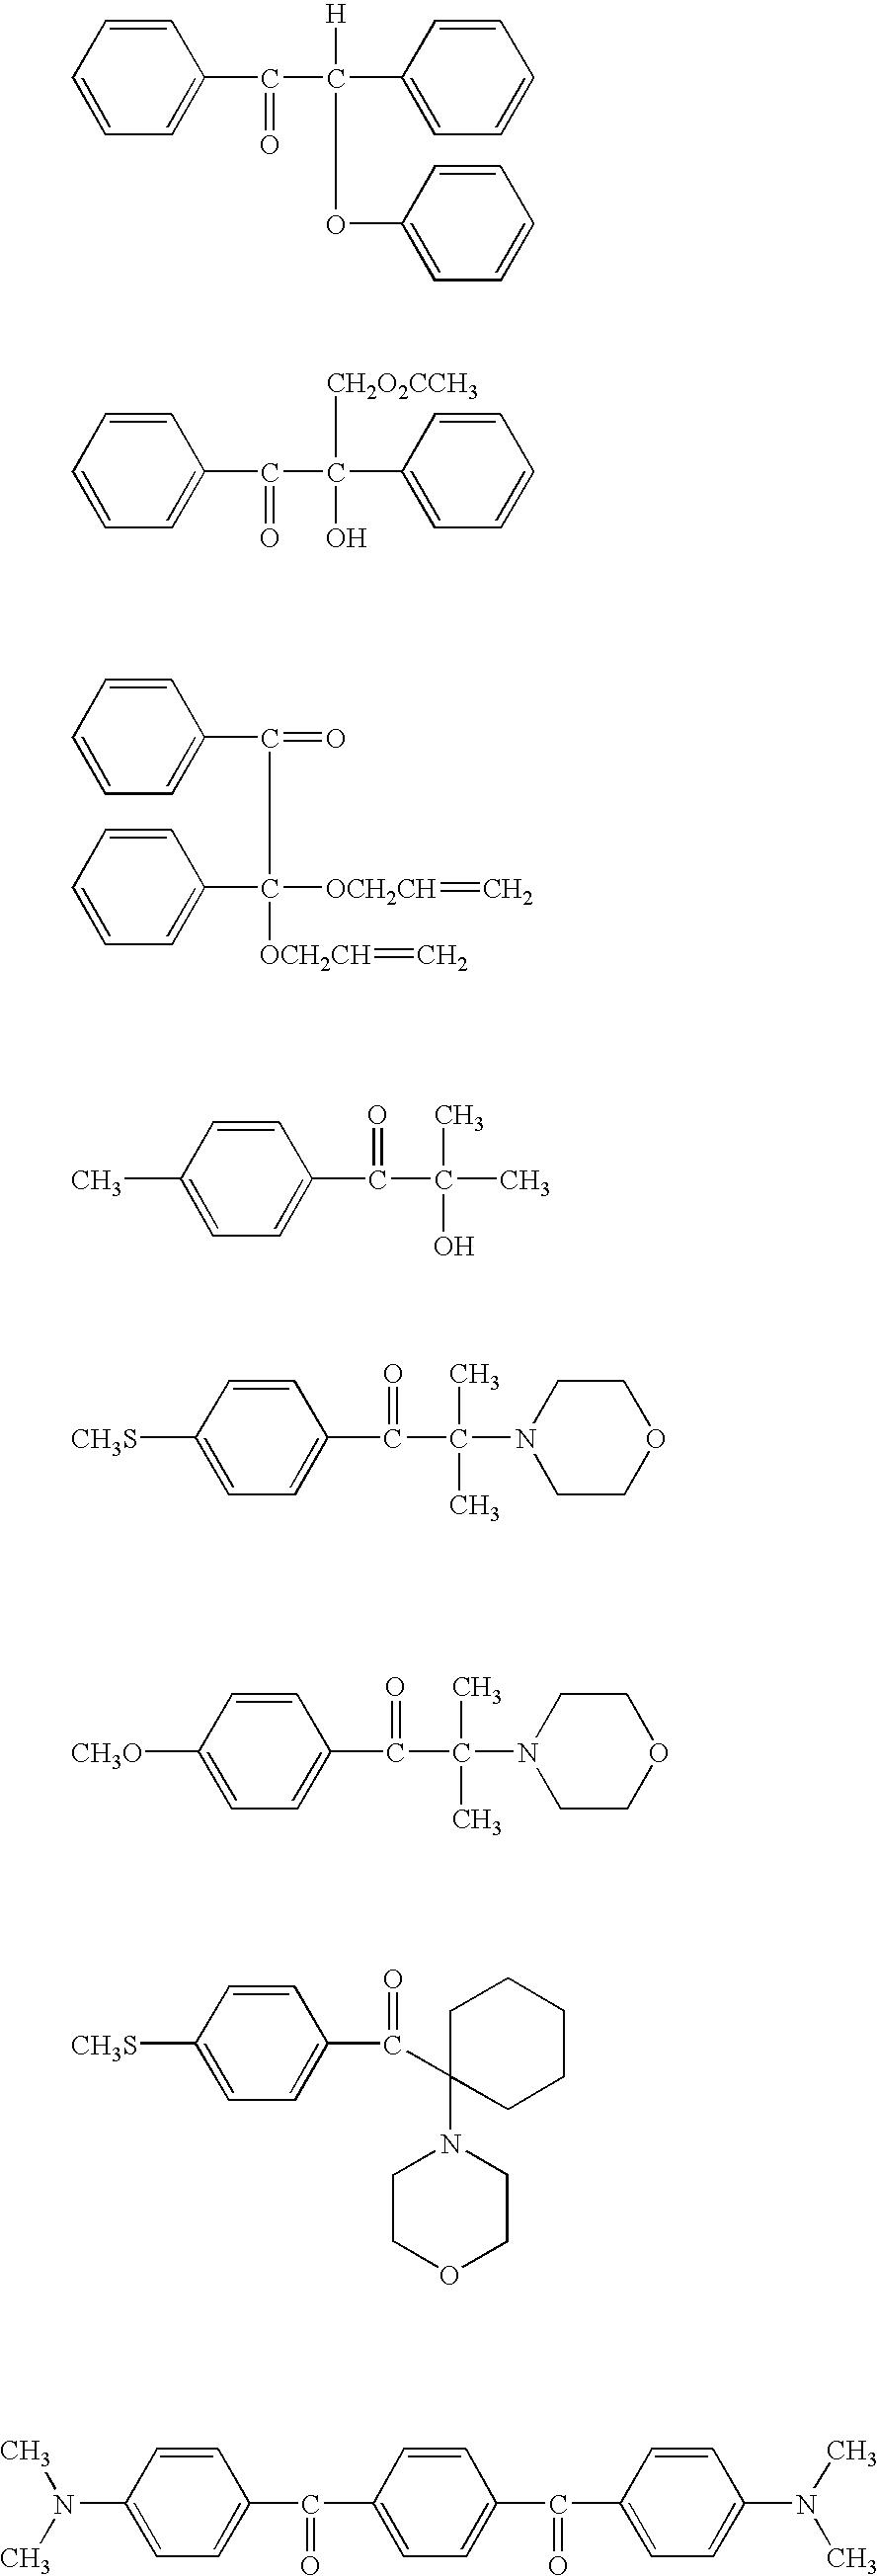 Figure US20090220753A1-20090903-C00012